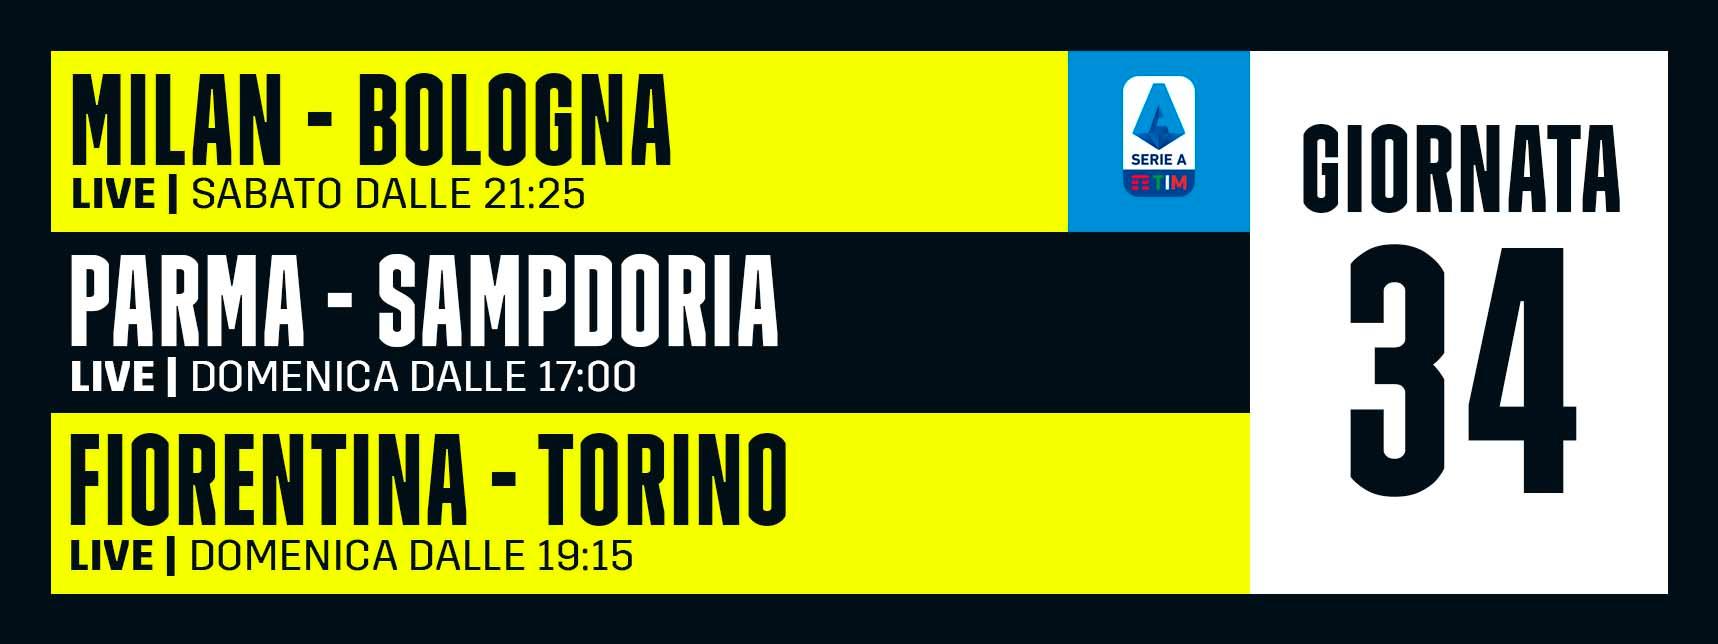 DAZN Serie A 34 Giornata, Diretta Esclusiva | Palinsesto e Telecronisti (Sky 209)